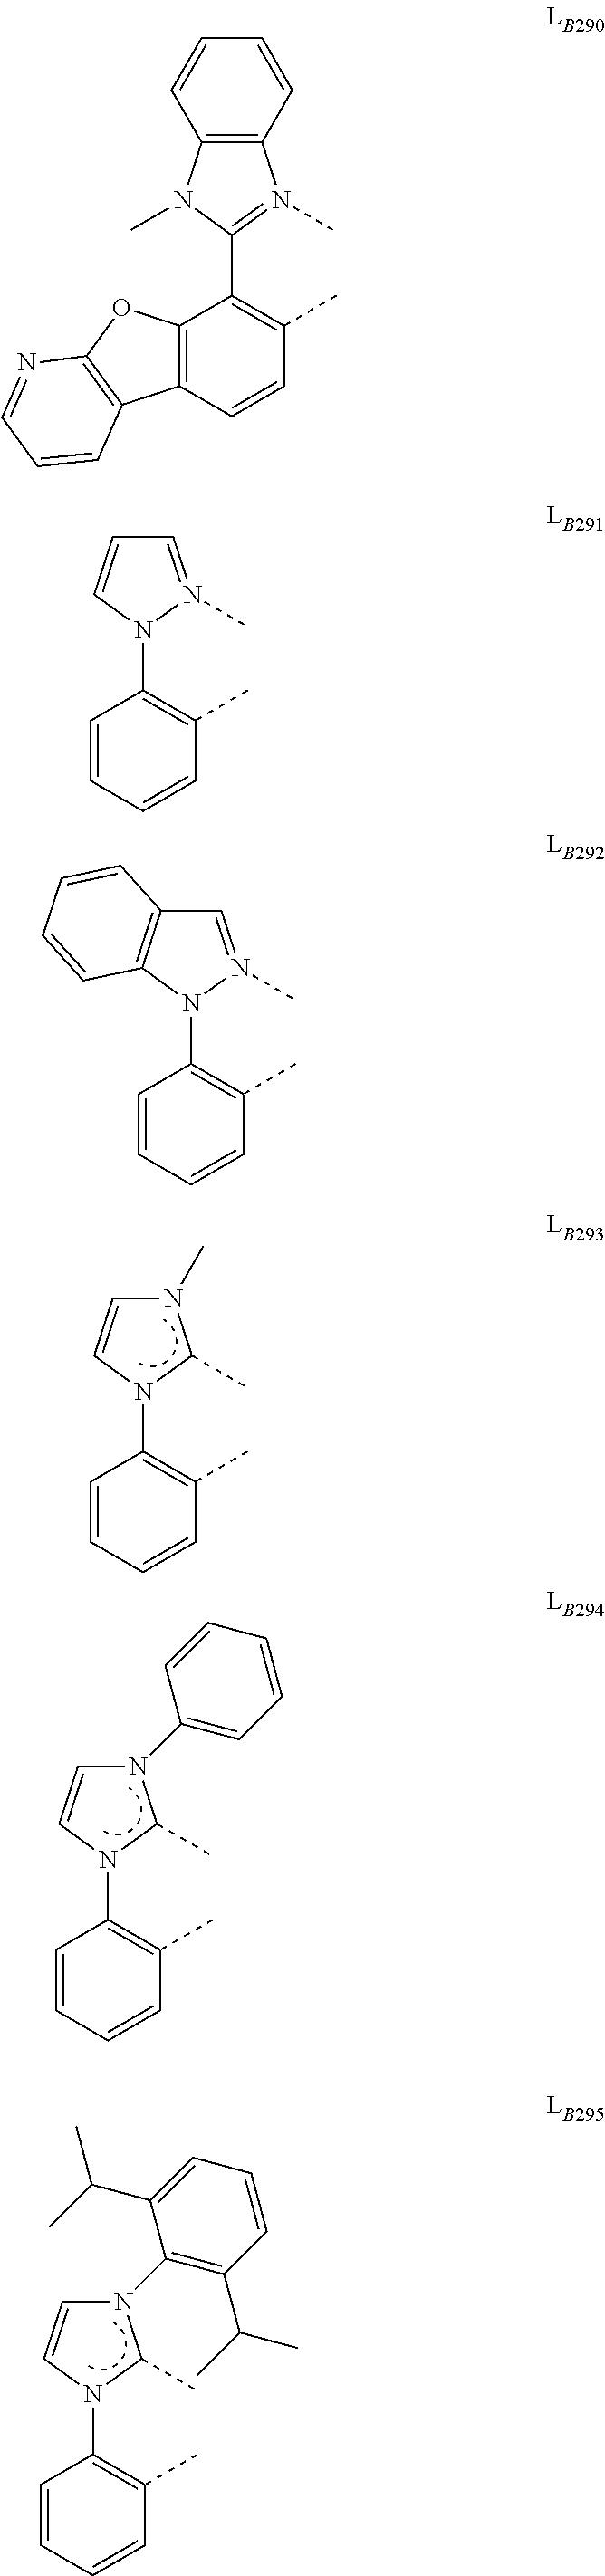 Figure US20180130962A1-20180510-C00319